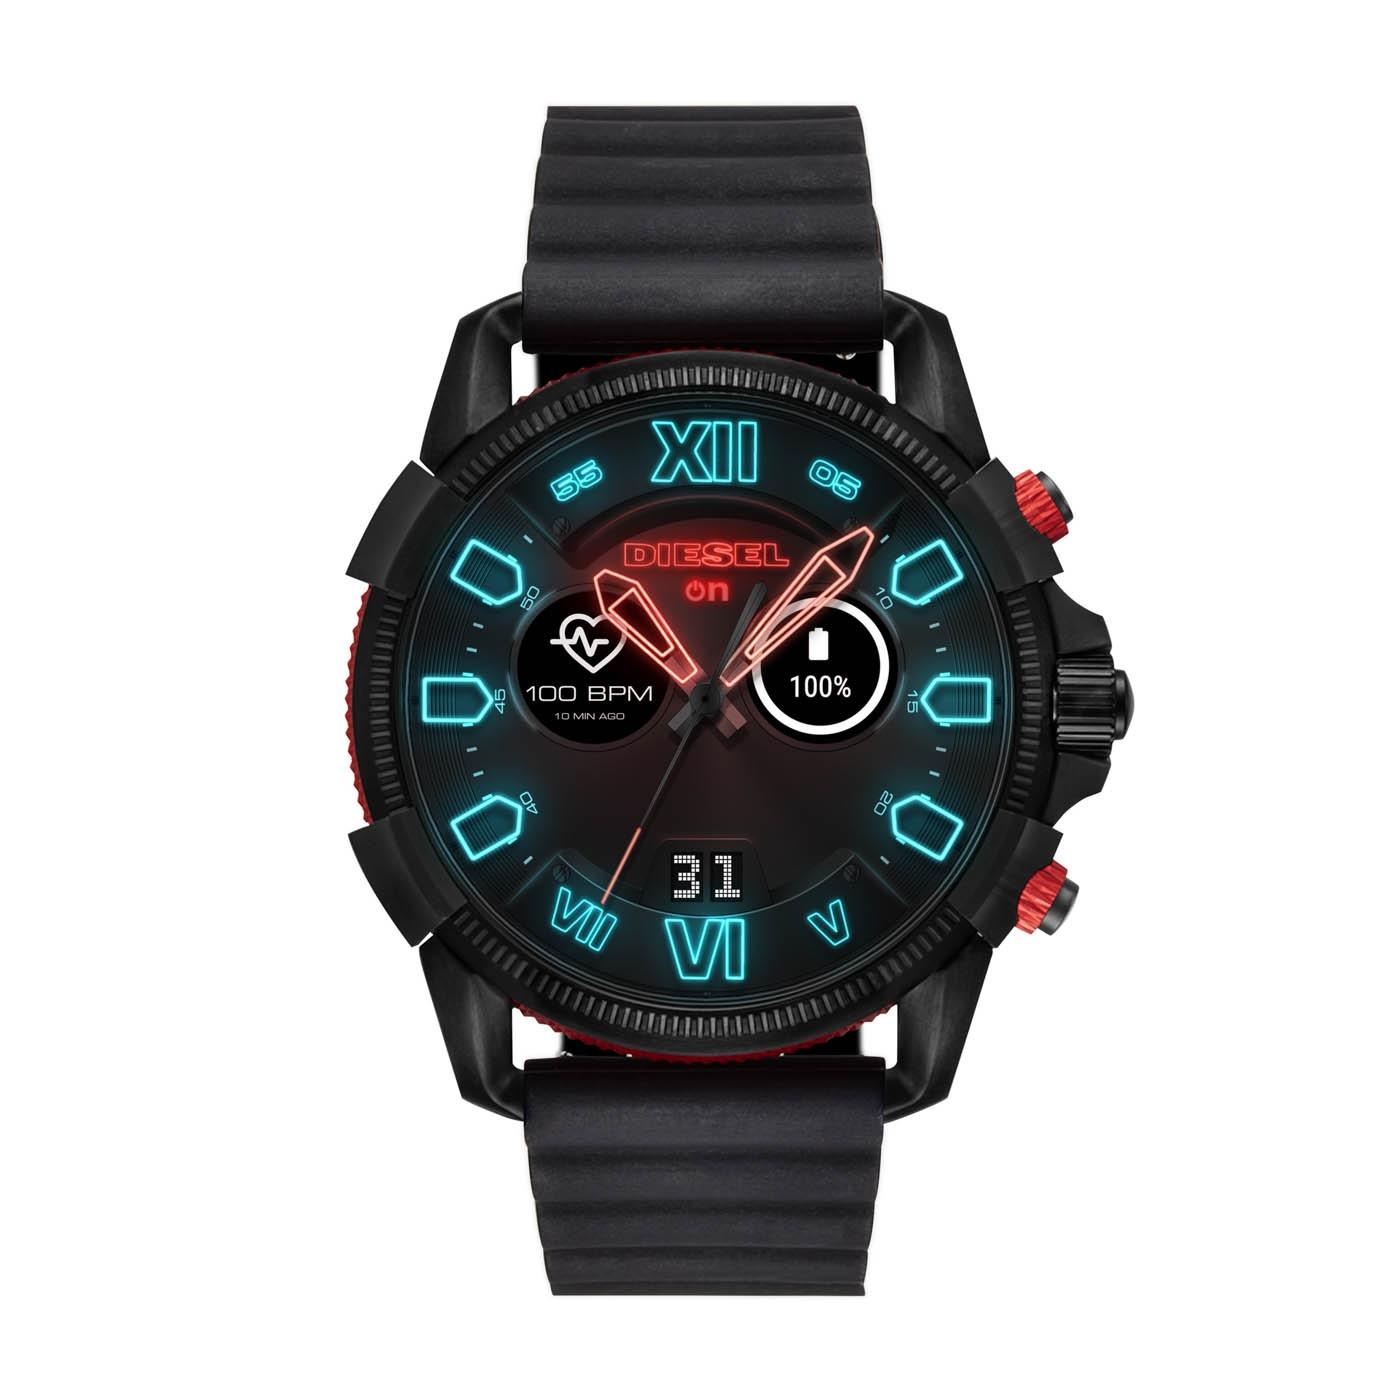 Diesel On Full Guard 2.5 Gen 4 Display Smartwatch DZT2010